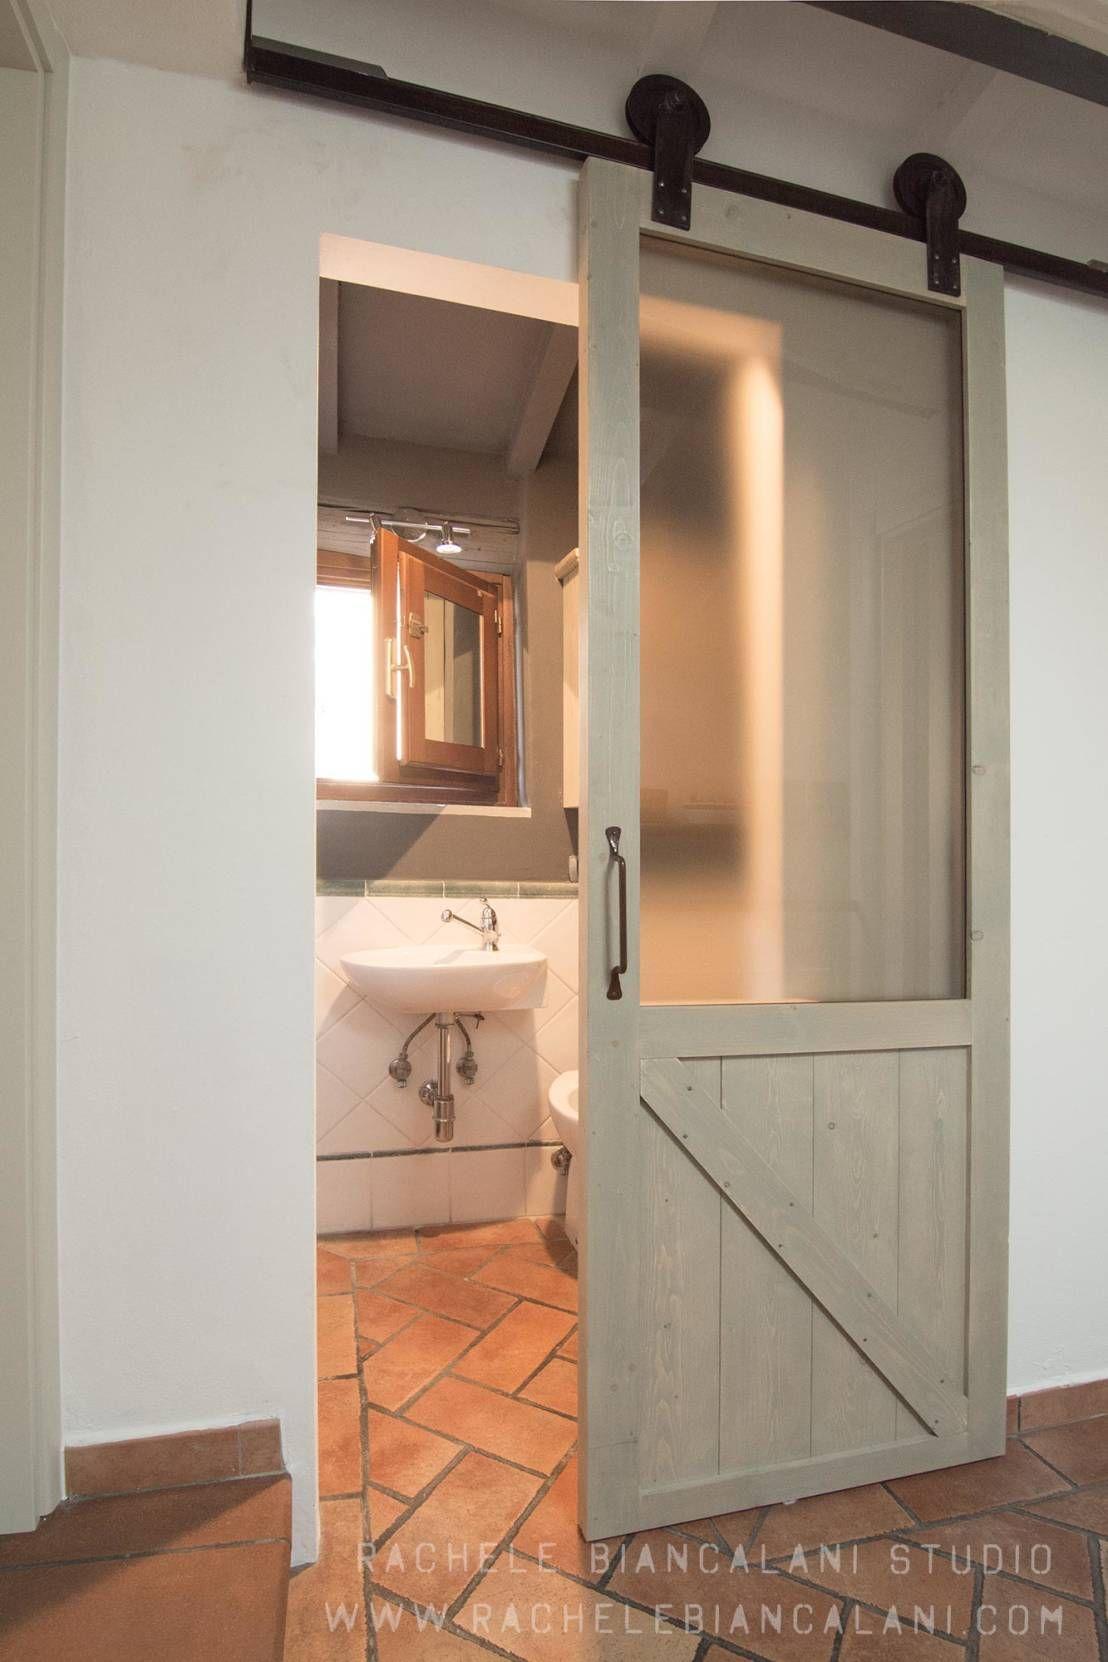 Porte Scorrevoli Stile Industriale barn porta scorrevole in legno: finestre e porte industriali